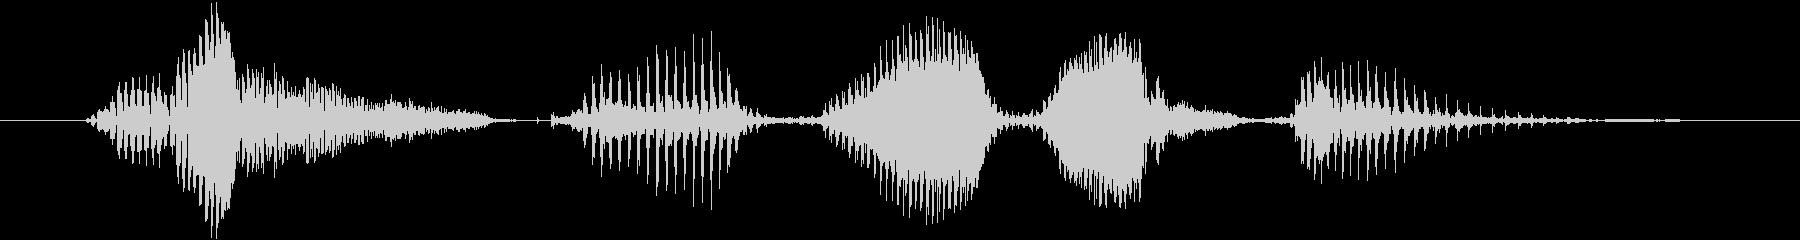 「距離をとってください」の英語の未再生の波形